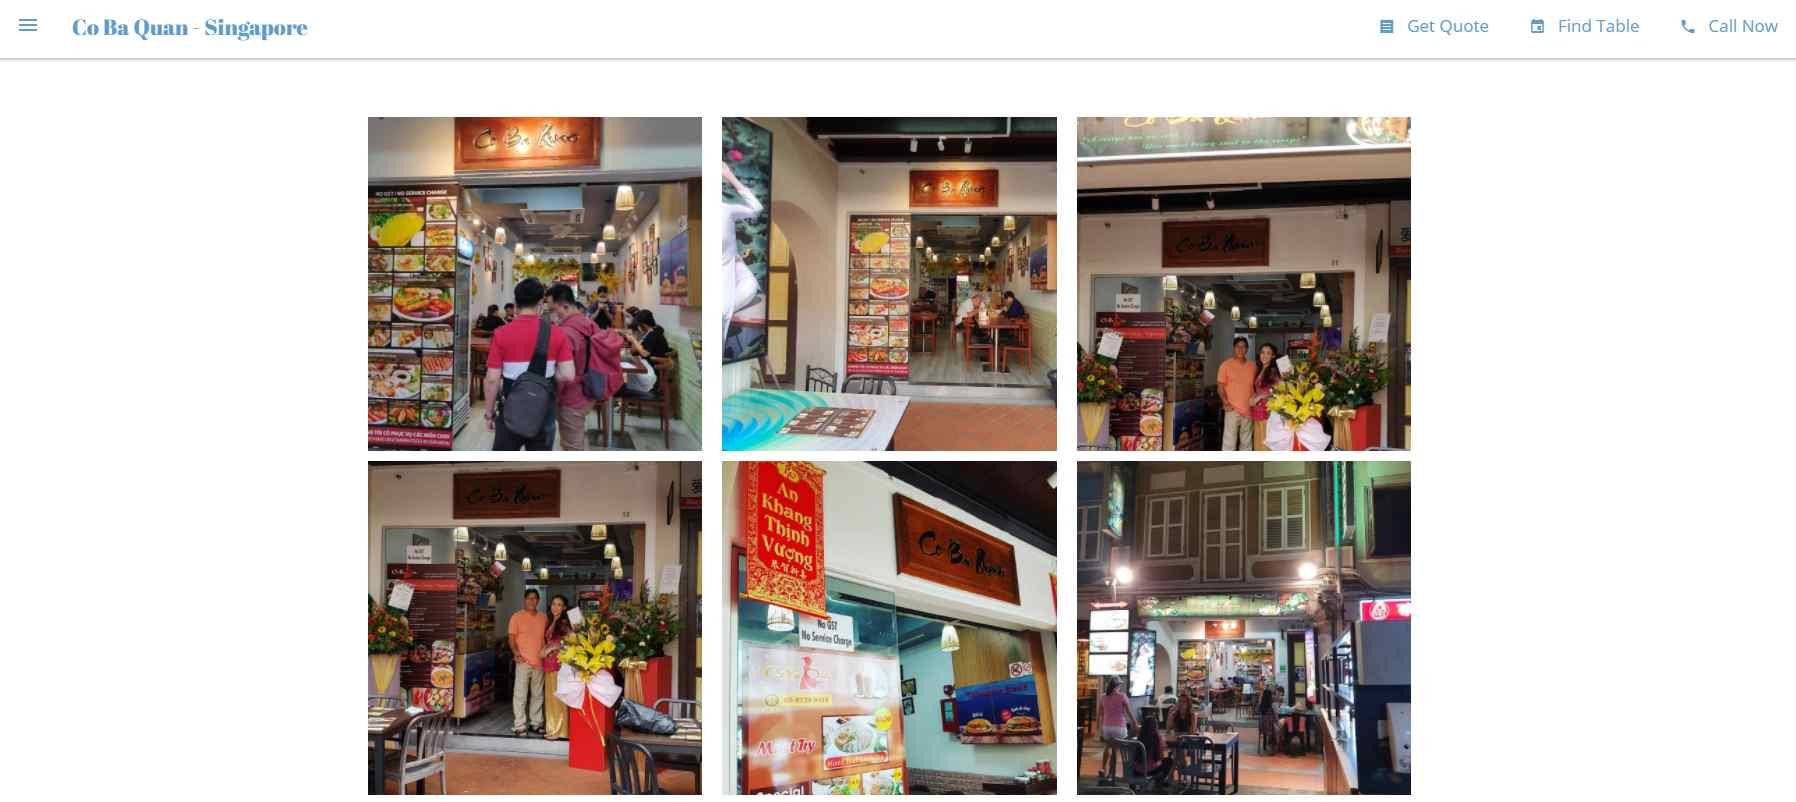 co ba quan Top Vietnamese Food Restaurants in Singapore